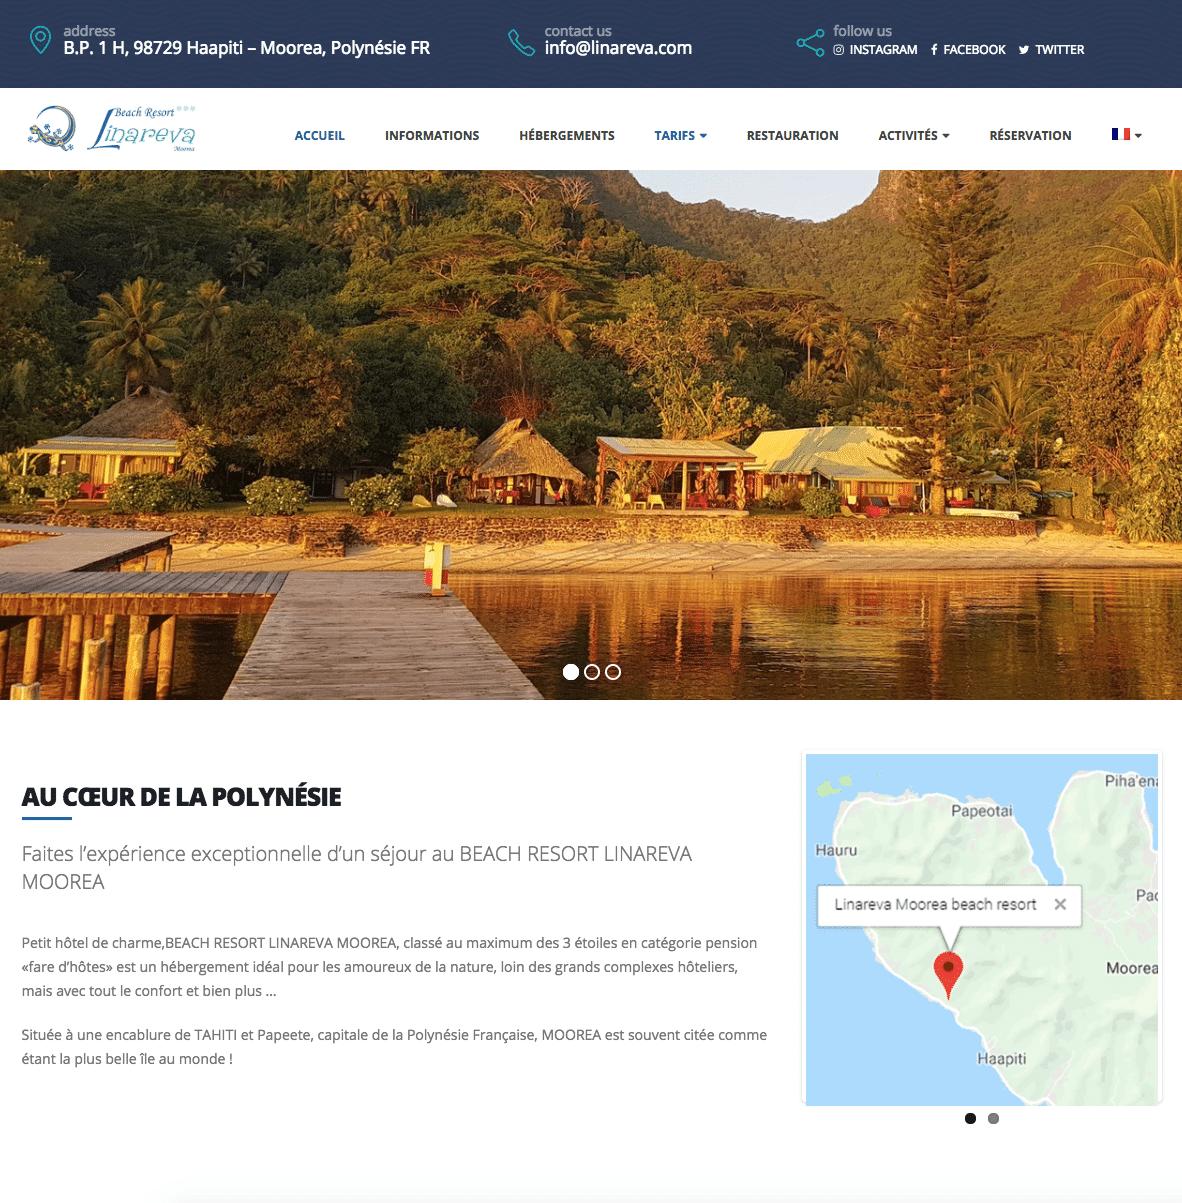 karedess, agence web de Mulhouse, à conçu un site de voyage pour Linareva Moorea